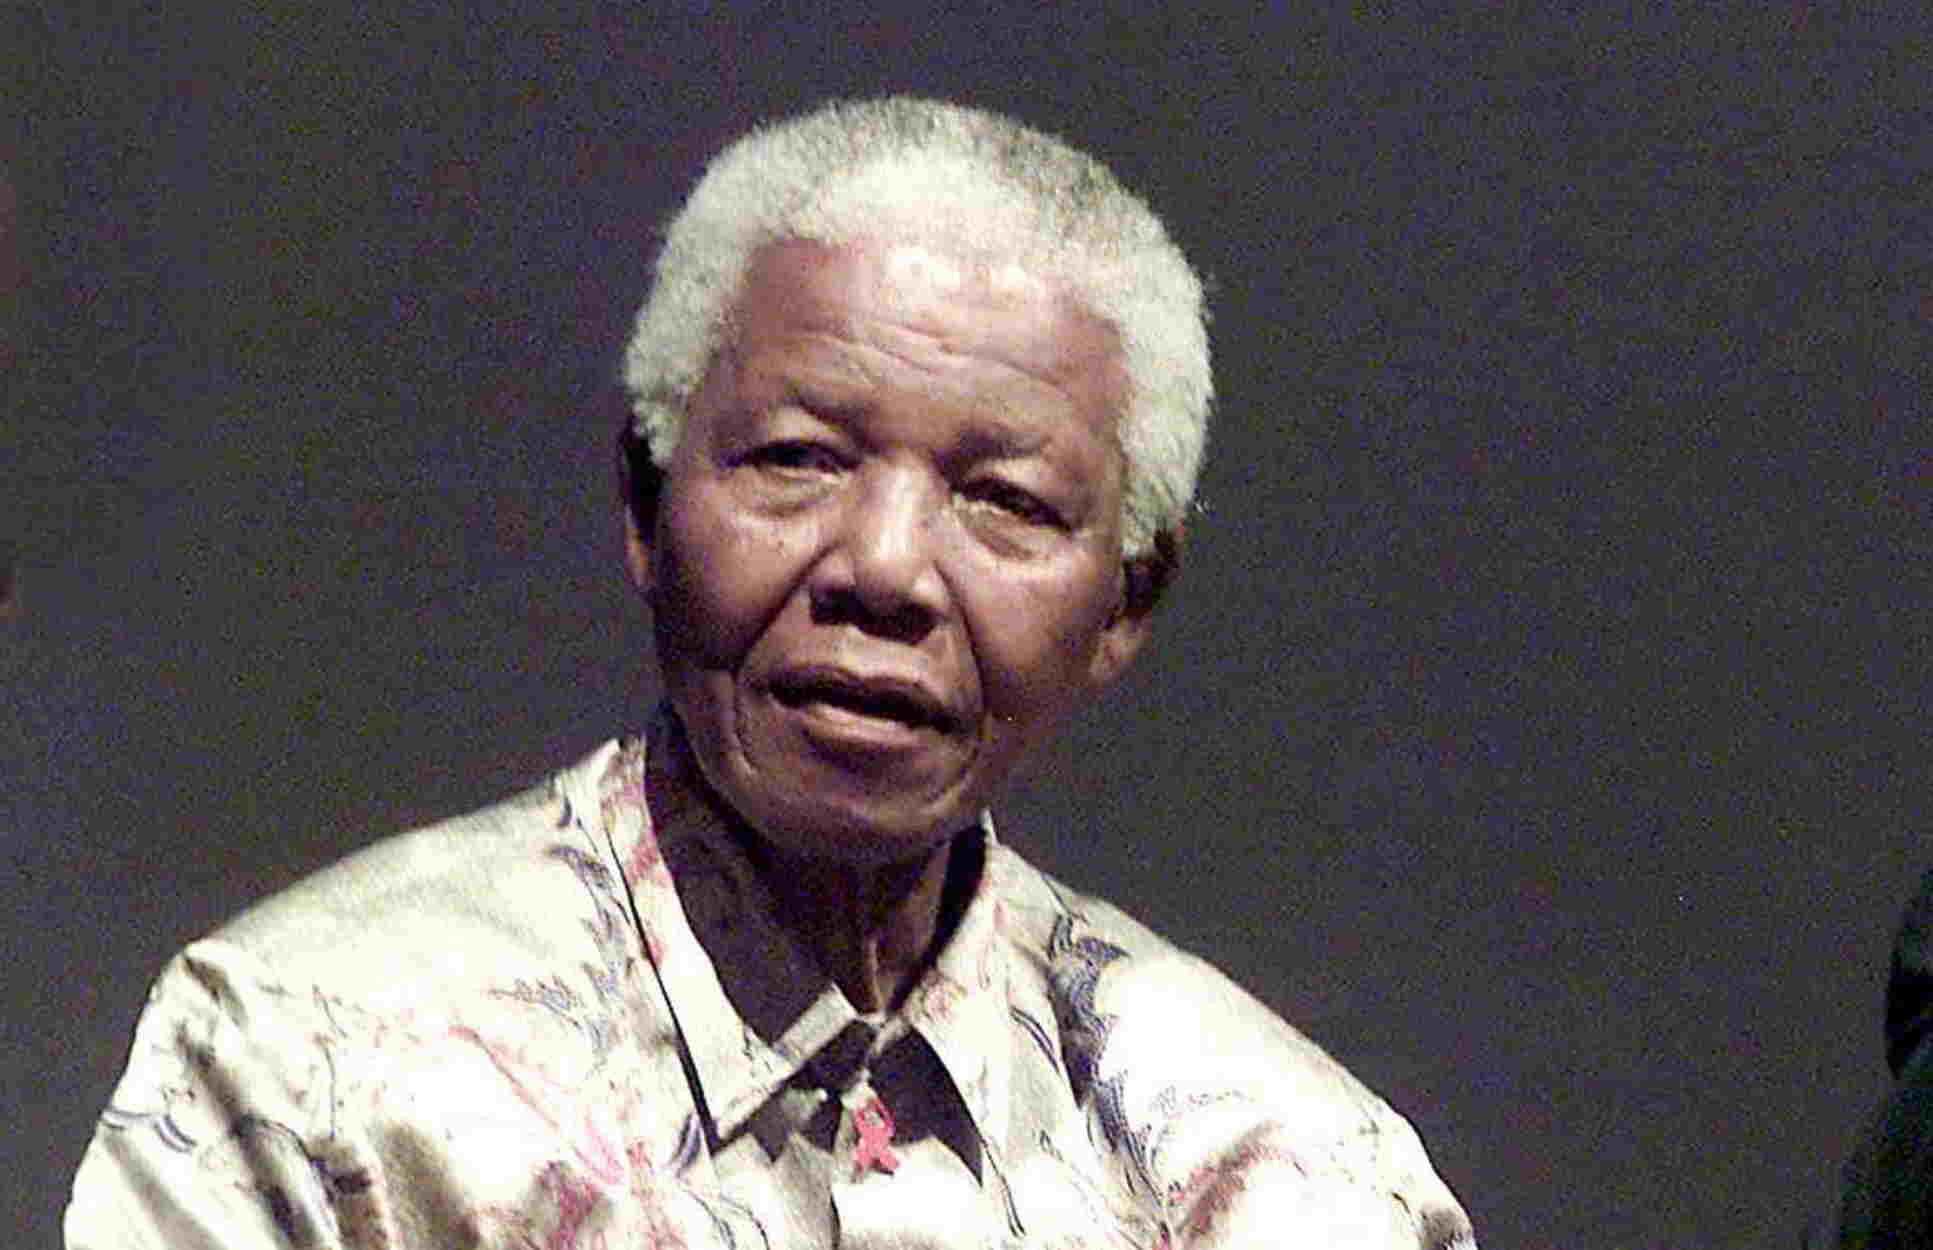 Νέλσον Μαντέλα: 15 μαθήματα ζωής από τον άντρα που έδωσε μάχη με τον ρατσισμό